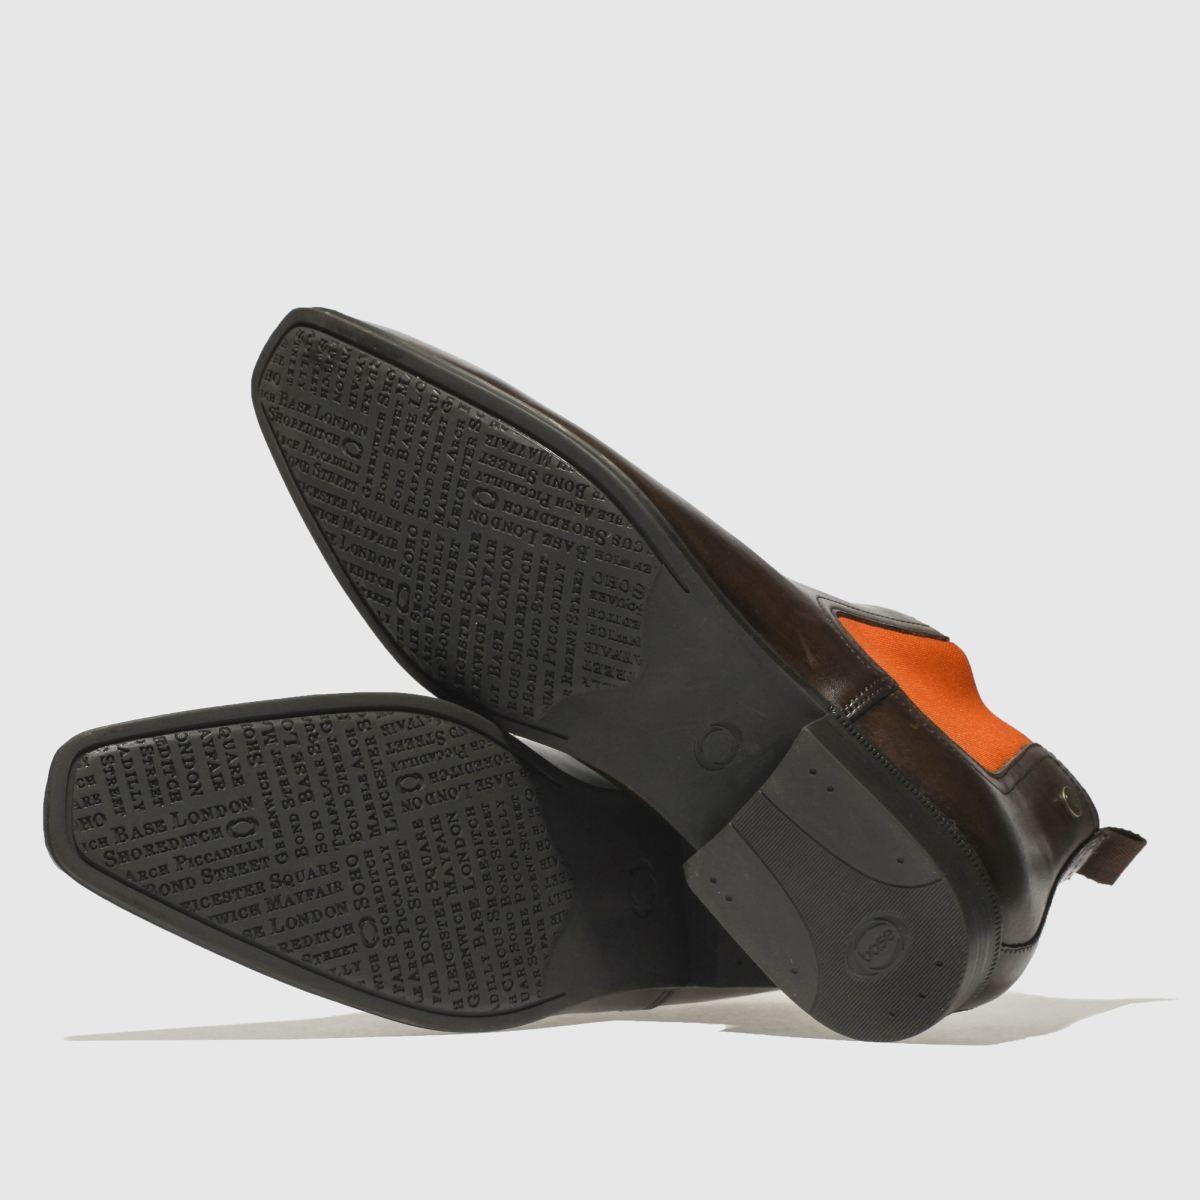 Herren Boots Braun-orange base london Weaver Boots Herren | schuh Gute Qualität beliebte Schuhe aec351